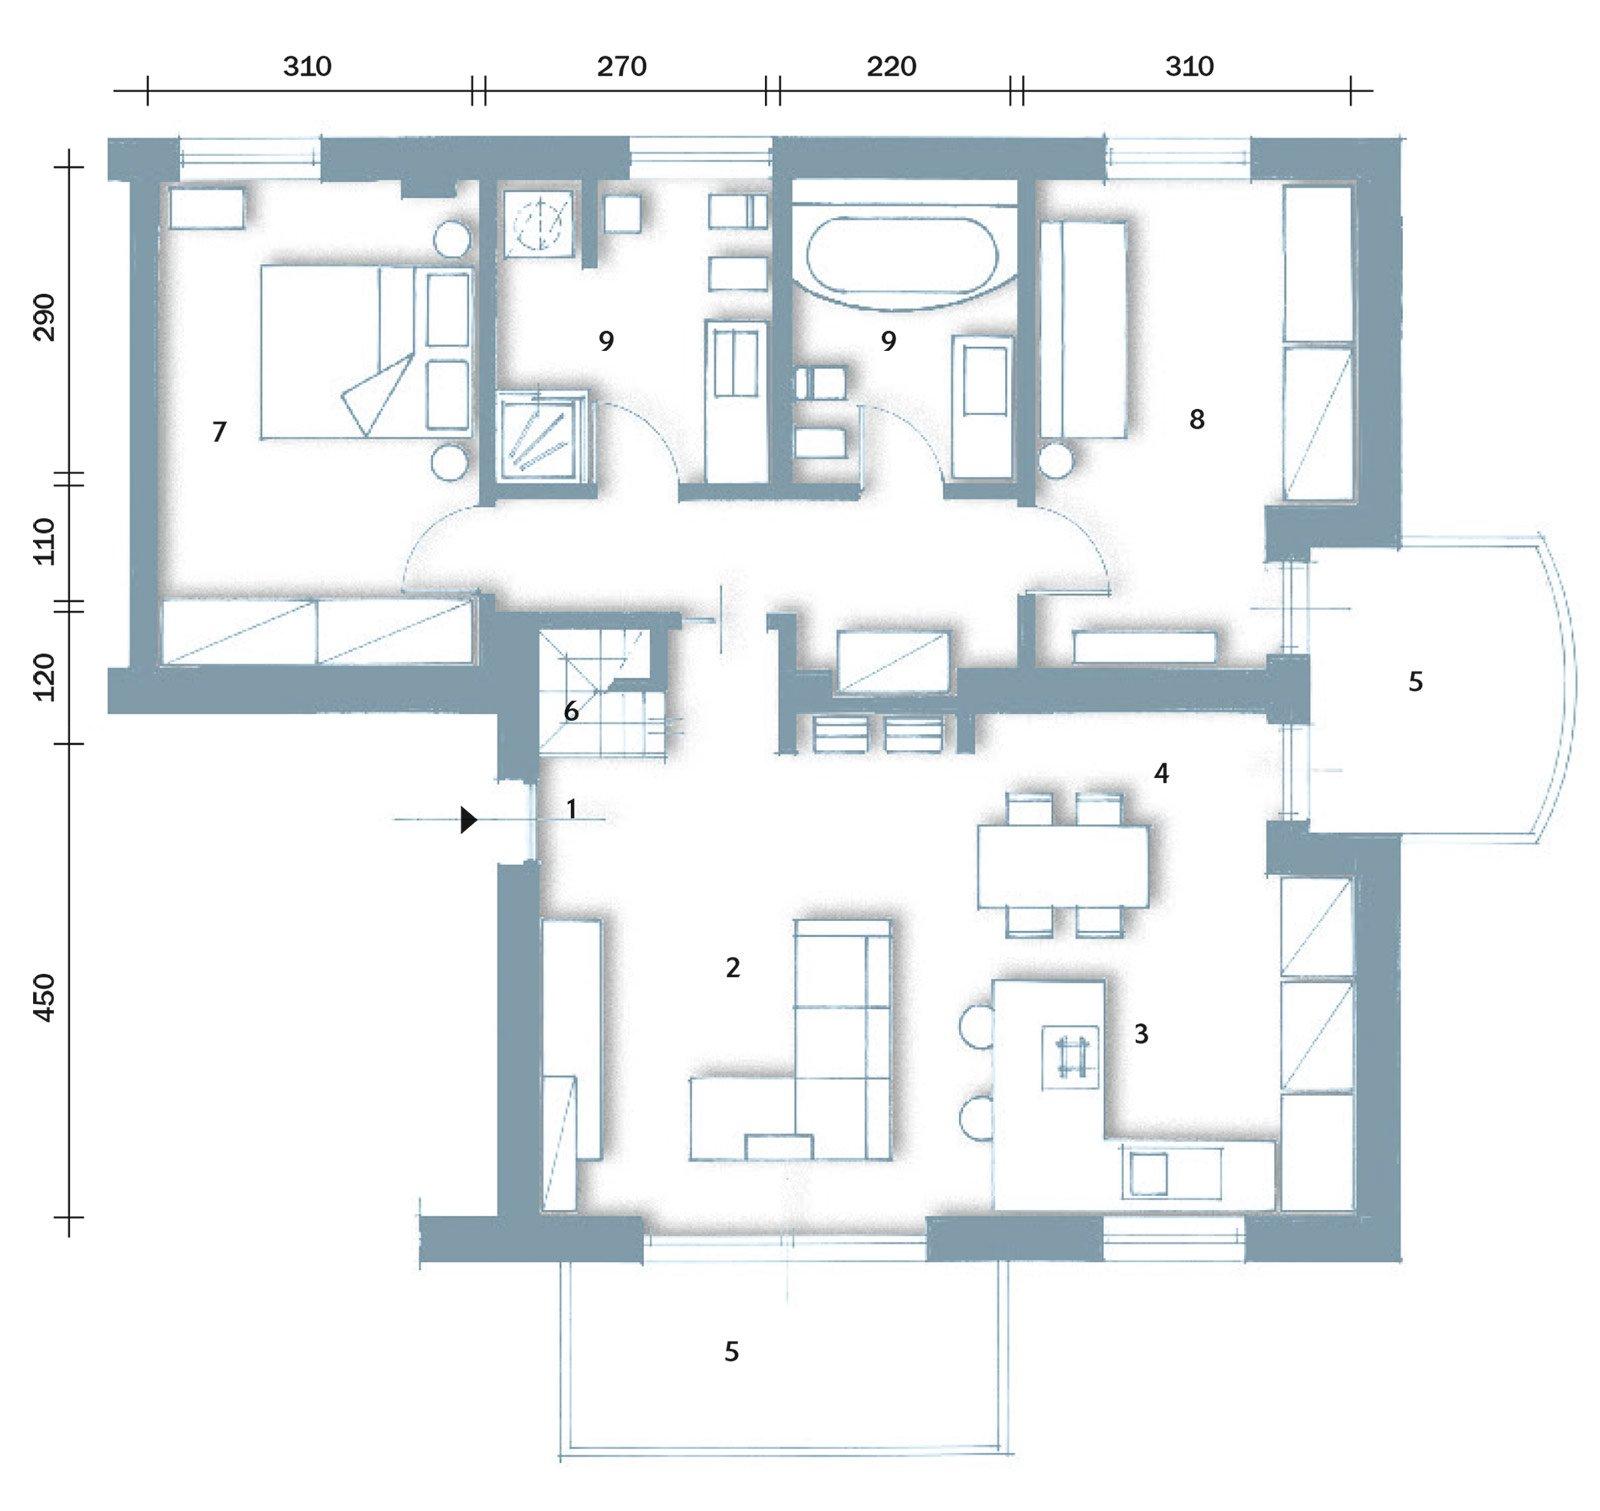 Casabook immobiliare 90 10 mq per una casa che sfrutta - Planimetria casa 60 mq ...